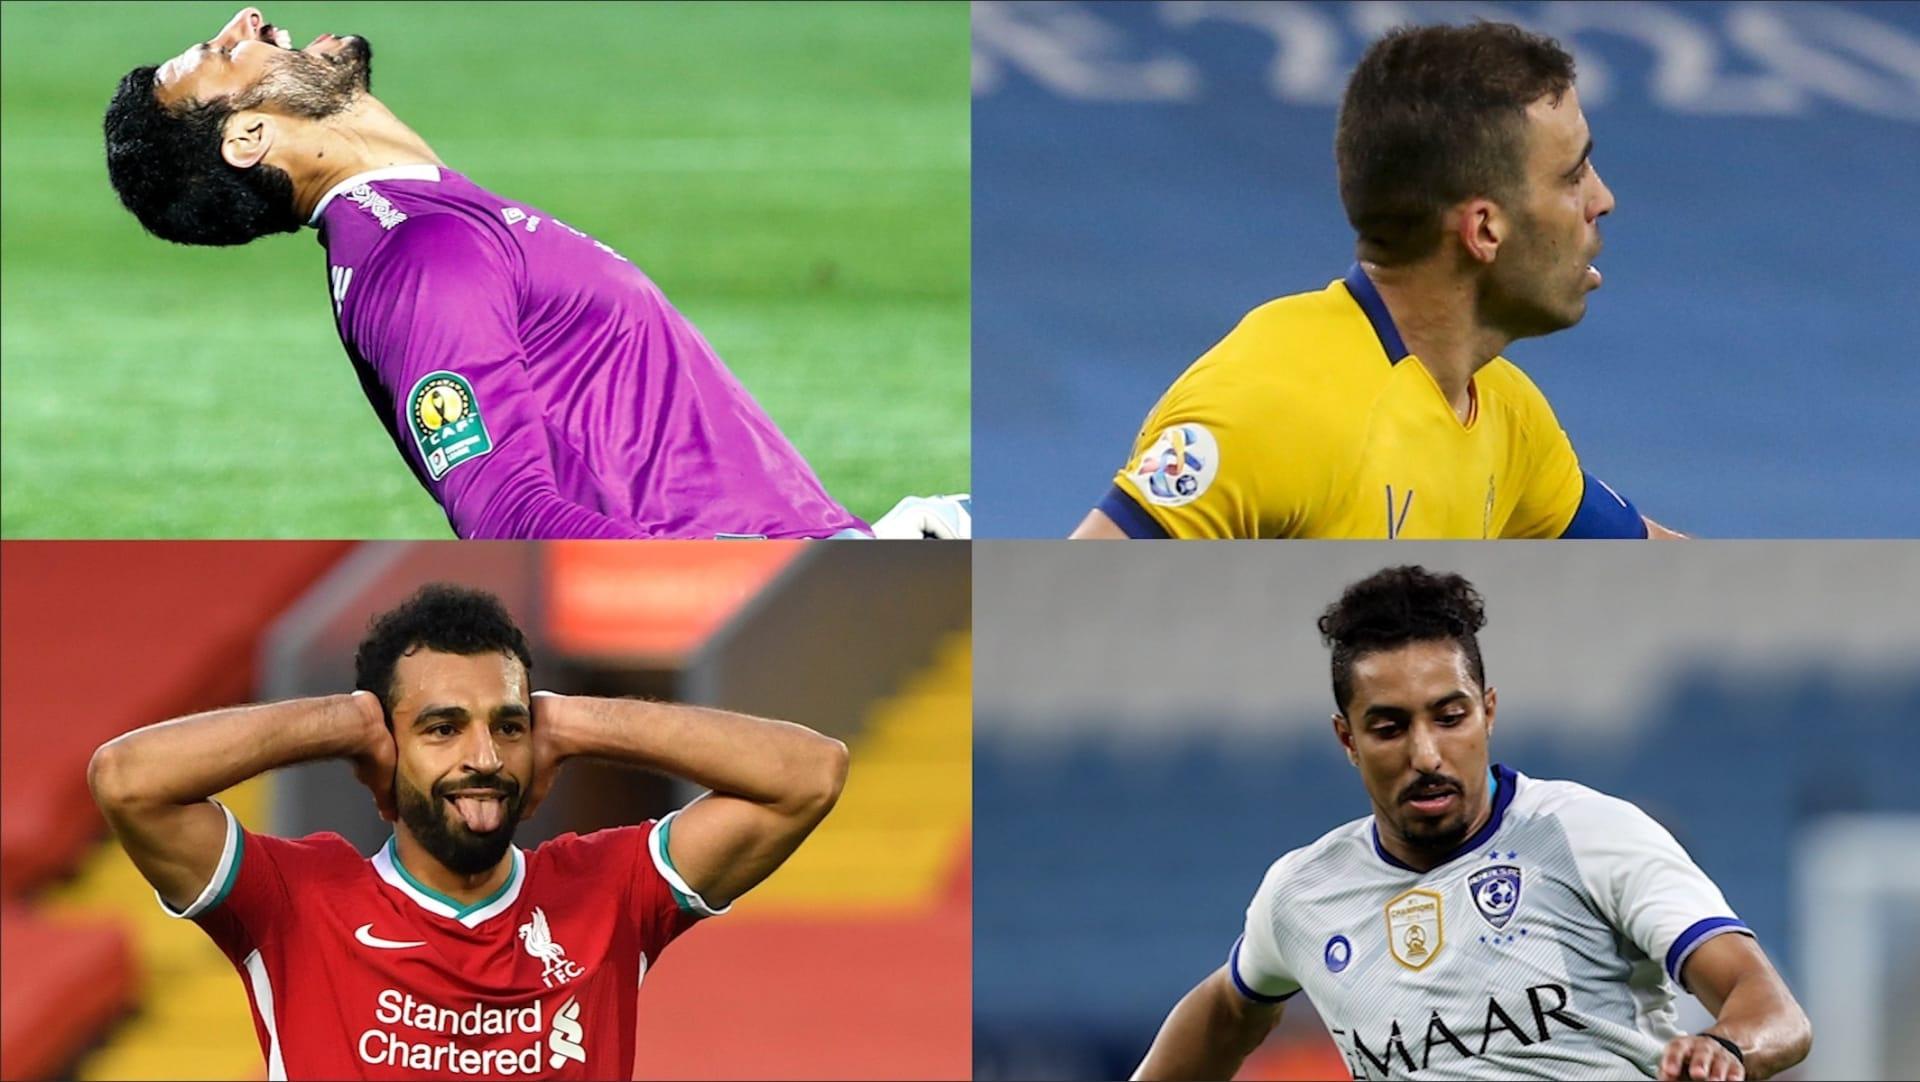 أفضل لاعب عربي لعام 2020 باستفتاء CNN بالعربية.. لماذا اختيرت هذه الأسماء؟